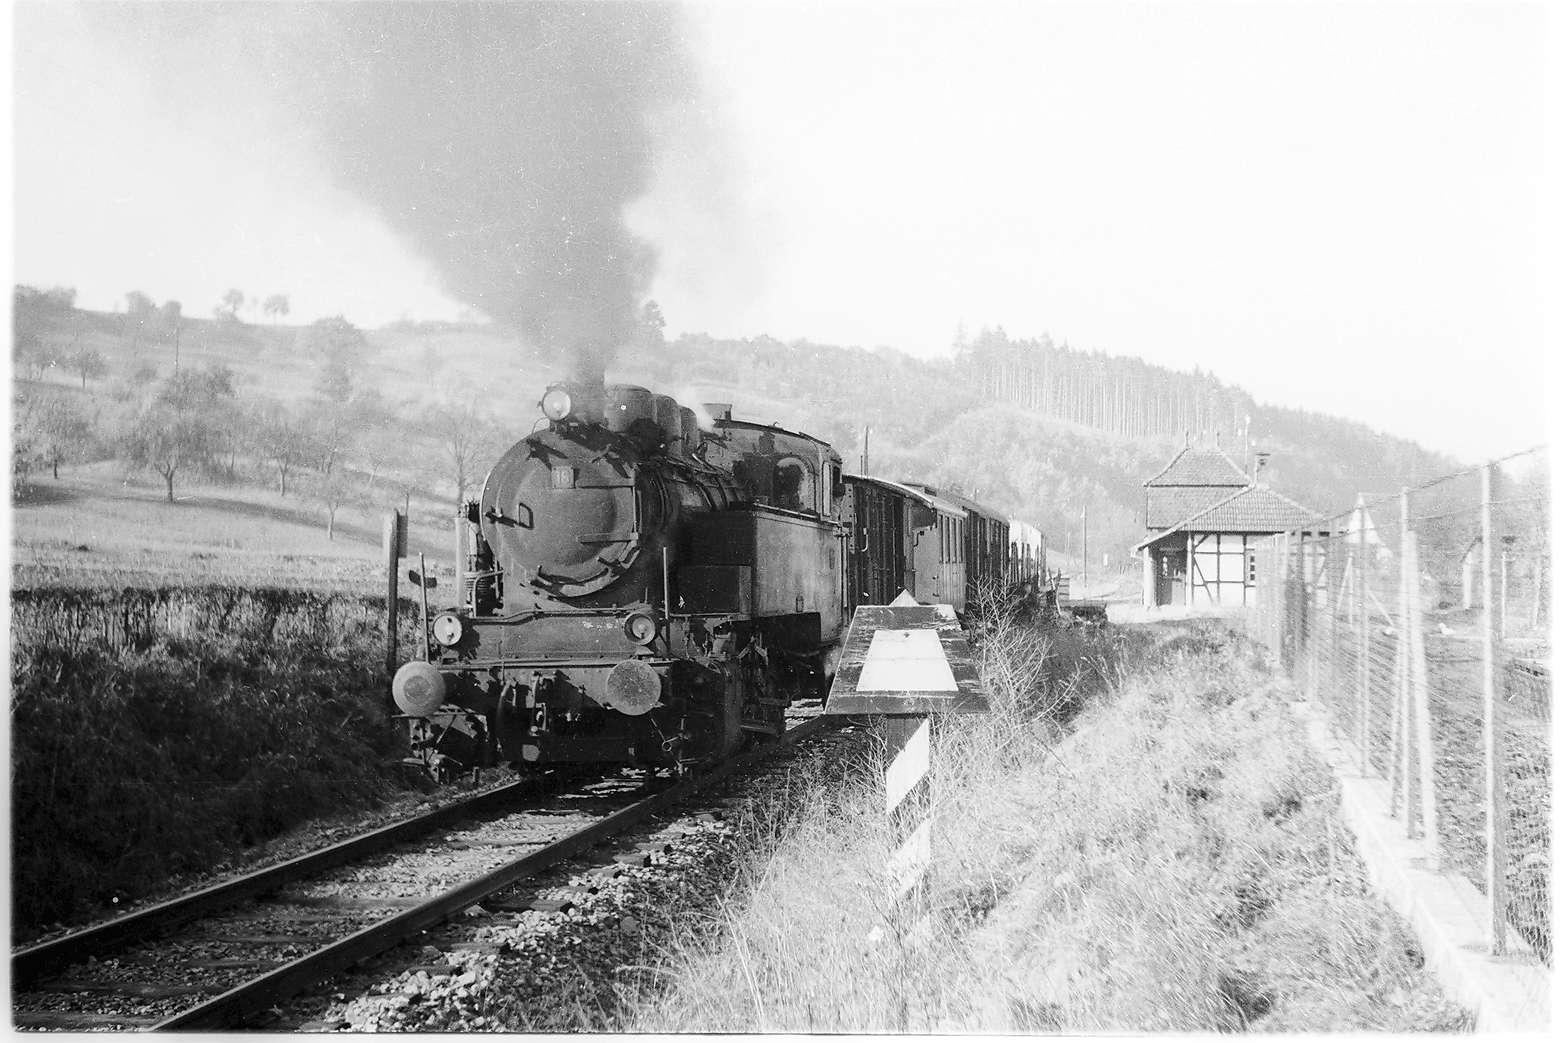 Bahnhof Stein, erbaut 1912, Abbruch 1974, Bild 1